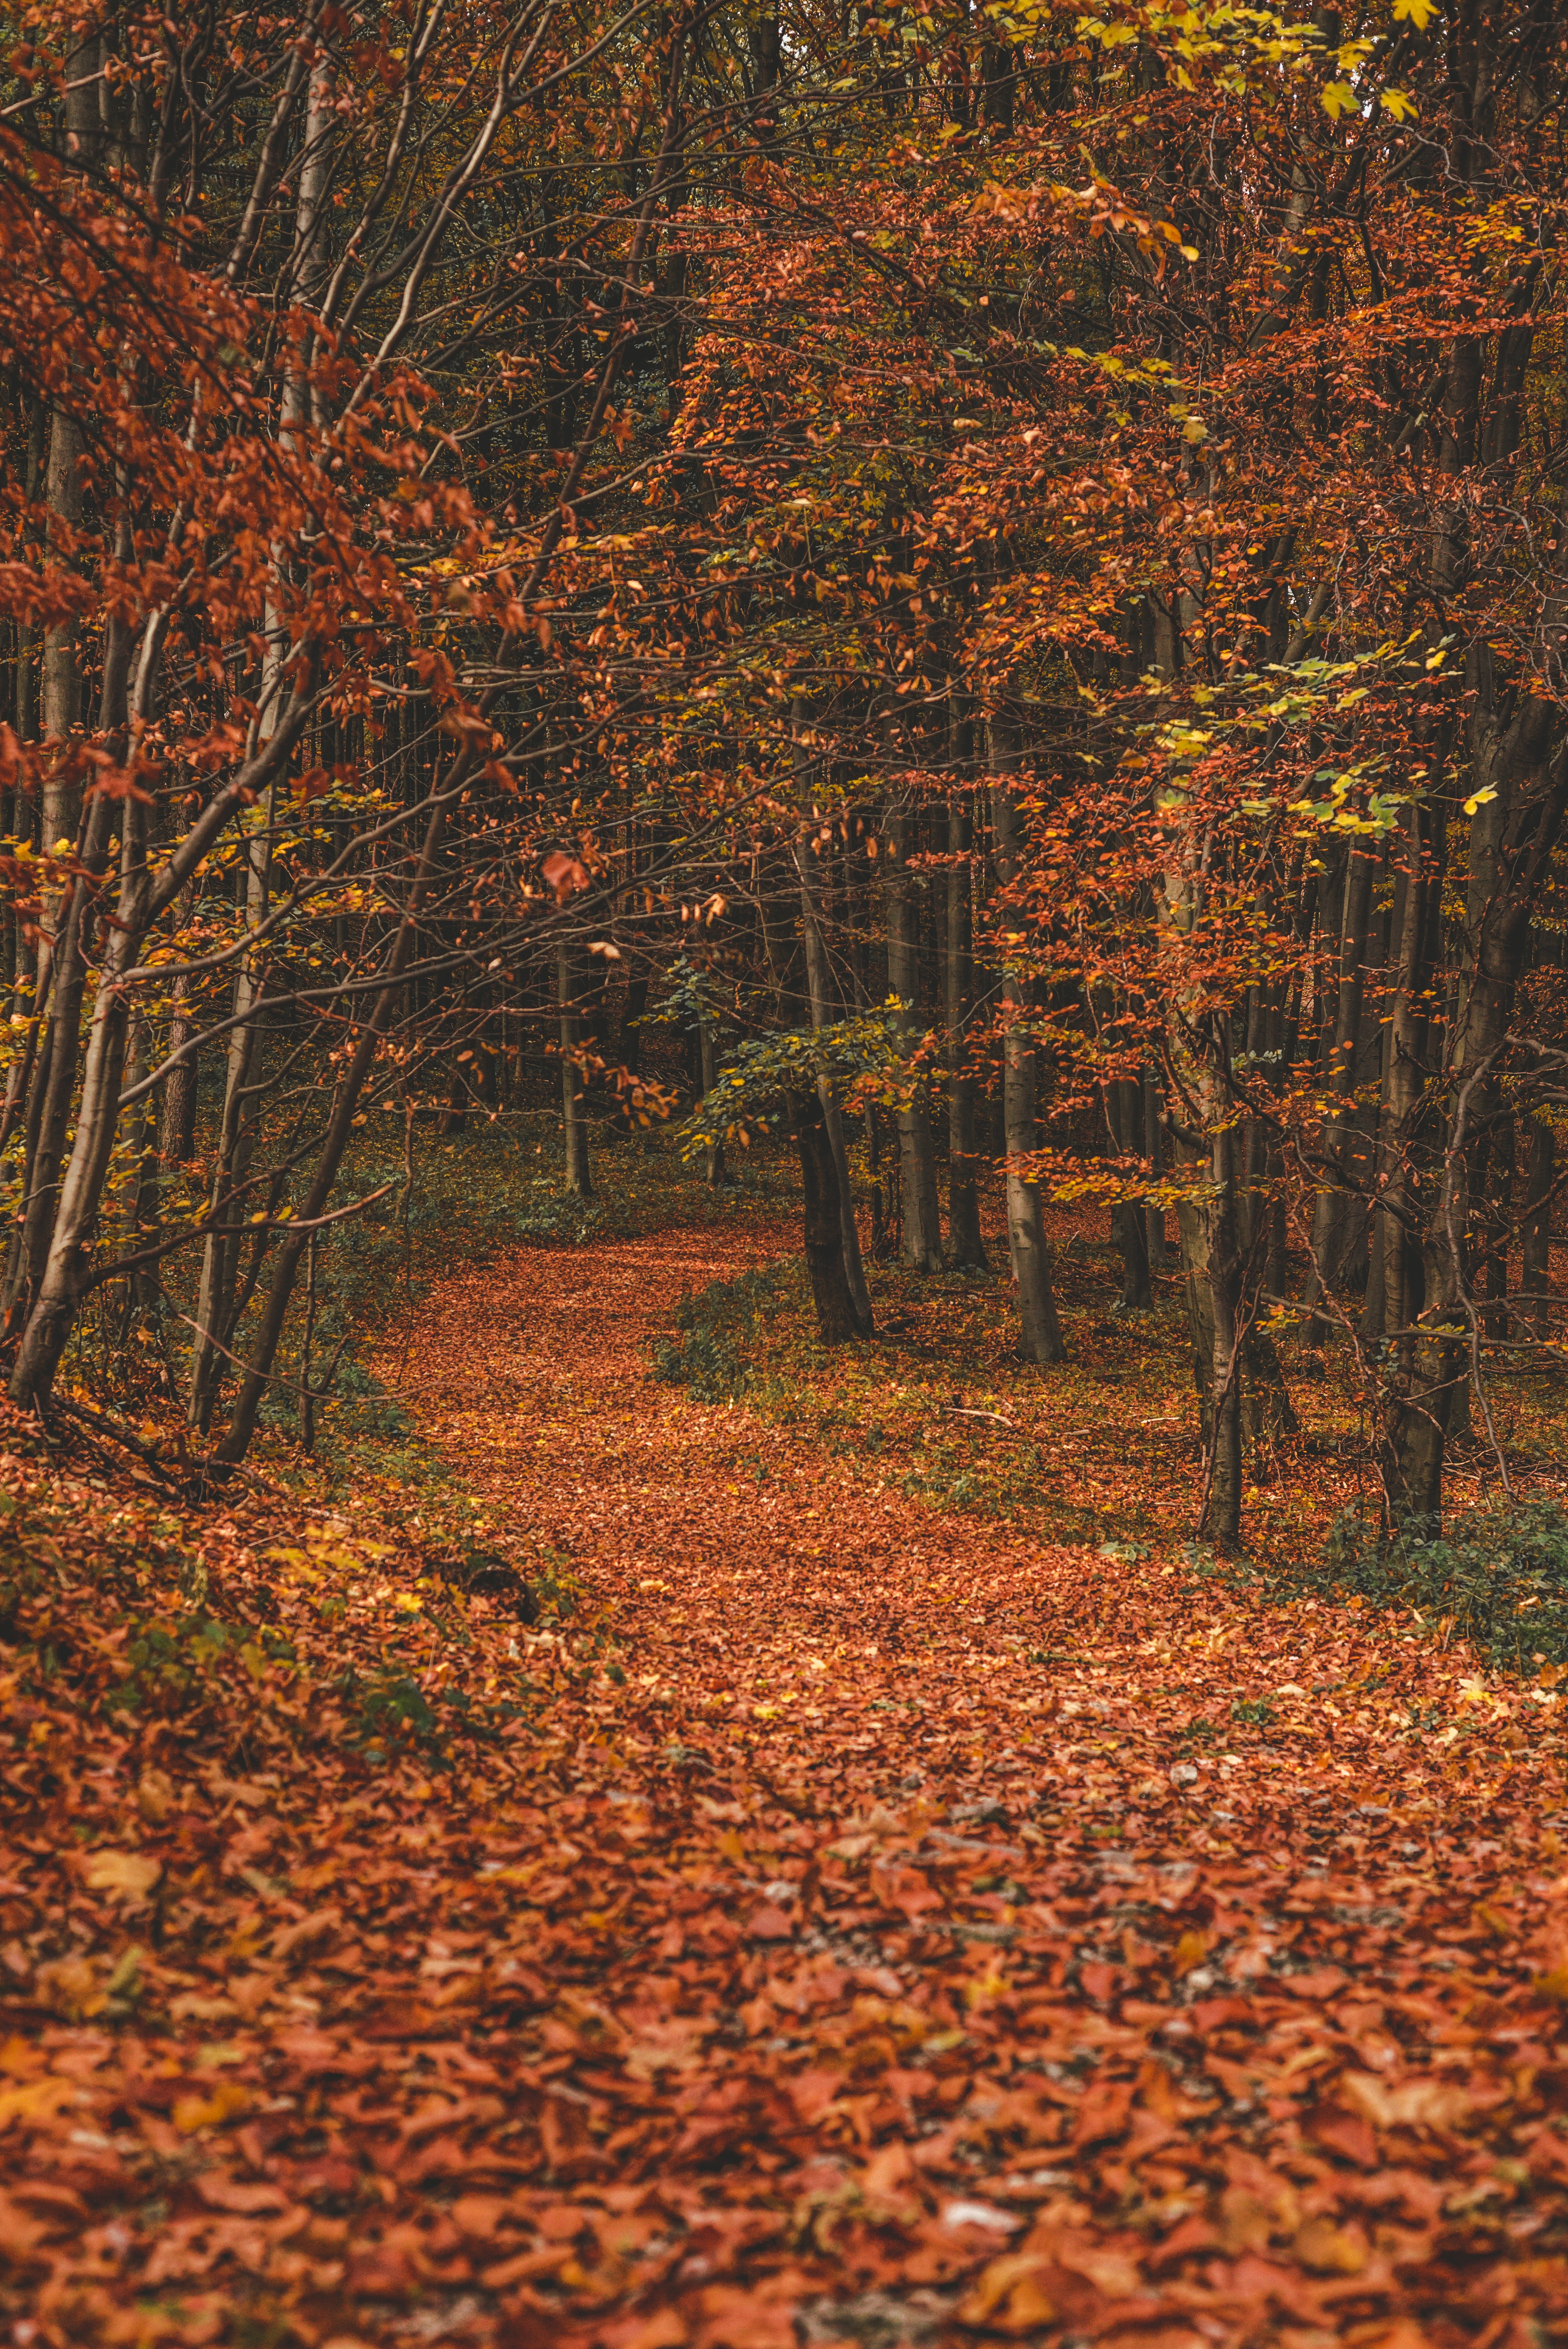 130162 скачать обои Природа, Осень, Лес, Тропа, Листья, Опавшие, Деревья, Поворот - заставки и картинки бесплатно